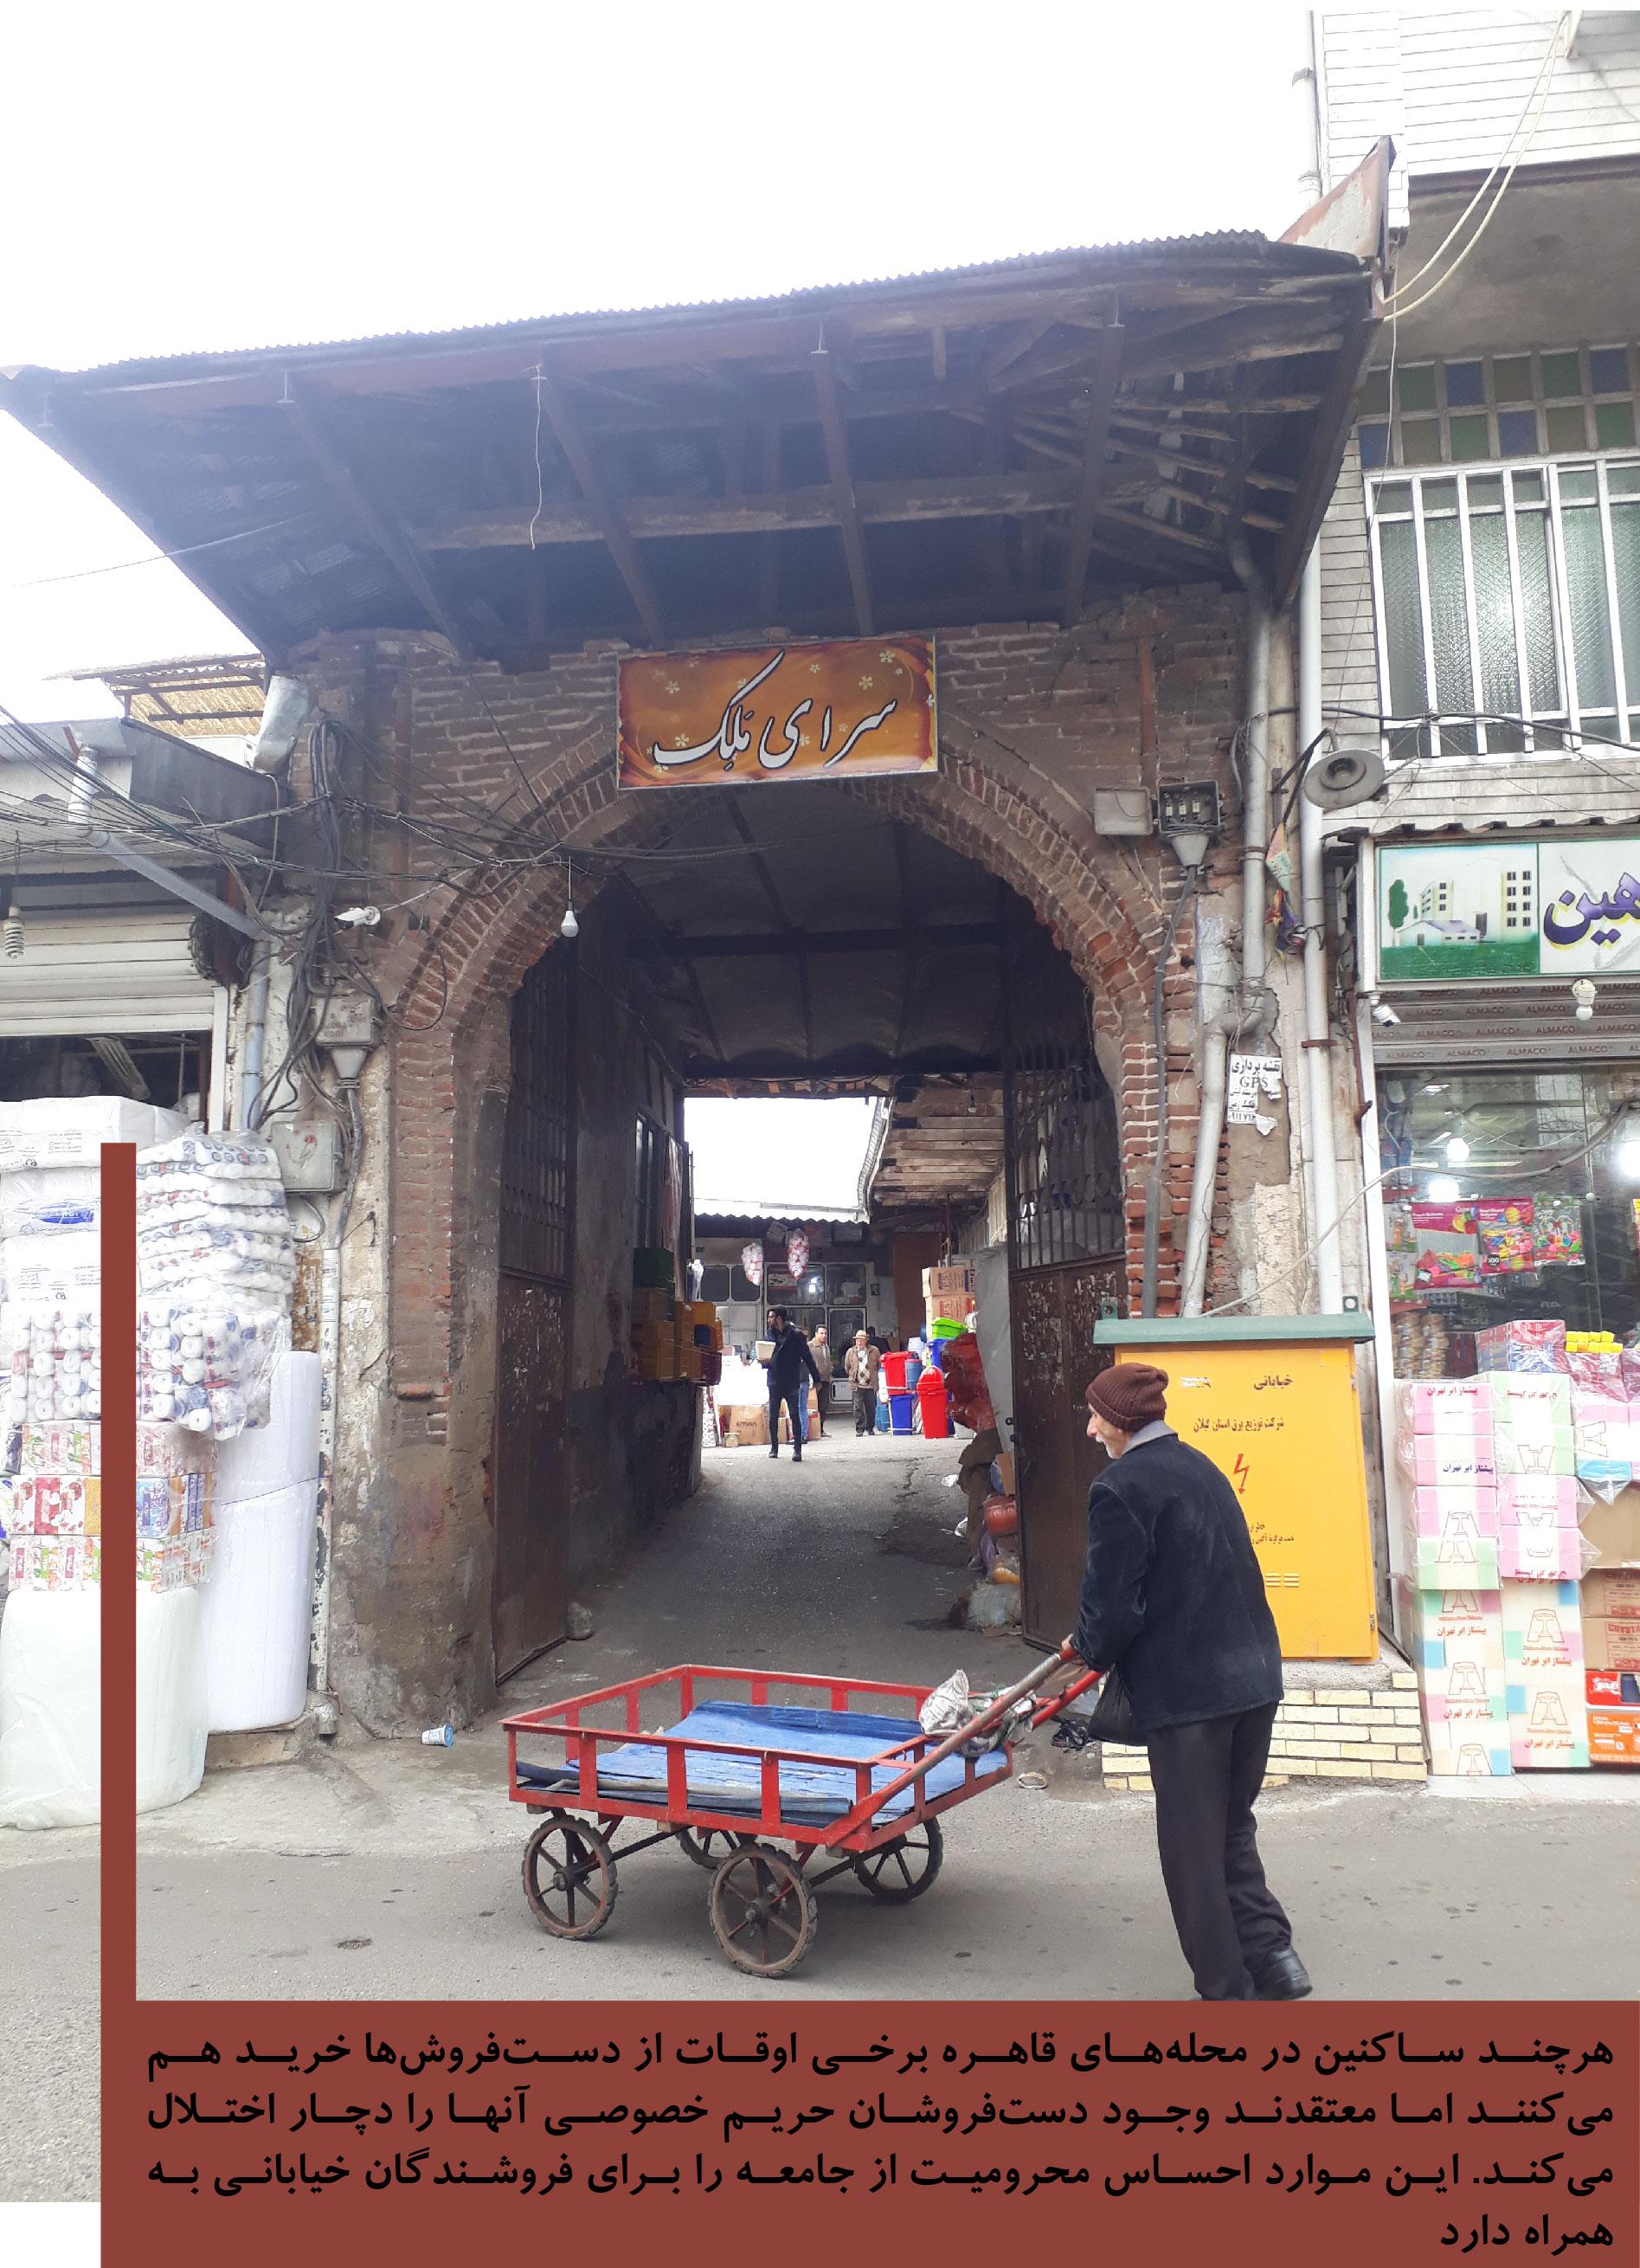 گذر مطهری، جشنواره فرصتهای از دست رفته / درسهایی از قاهره